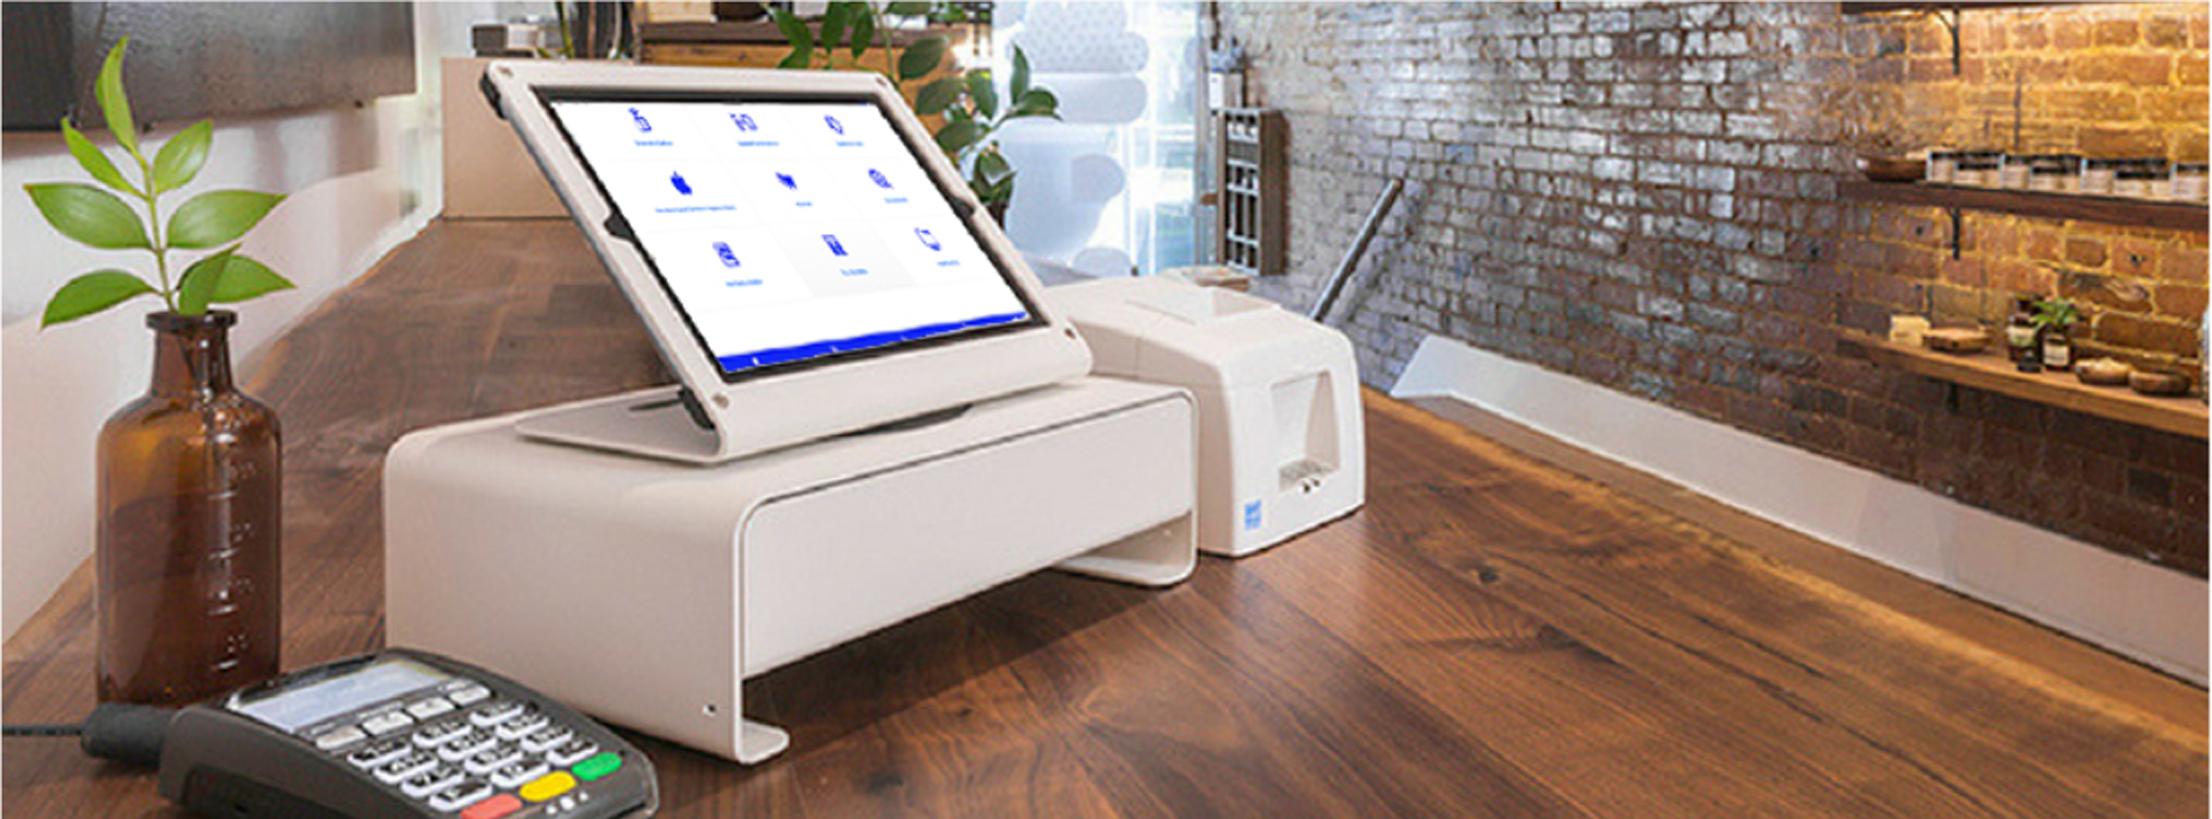 Connected Commerce_Platform_Banner.jpg